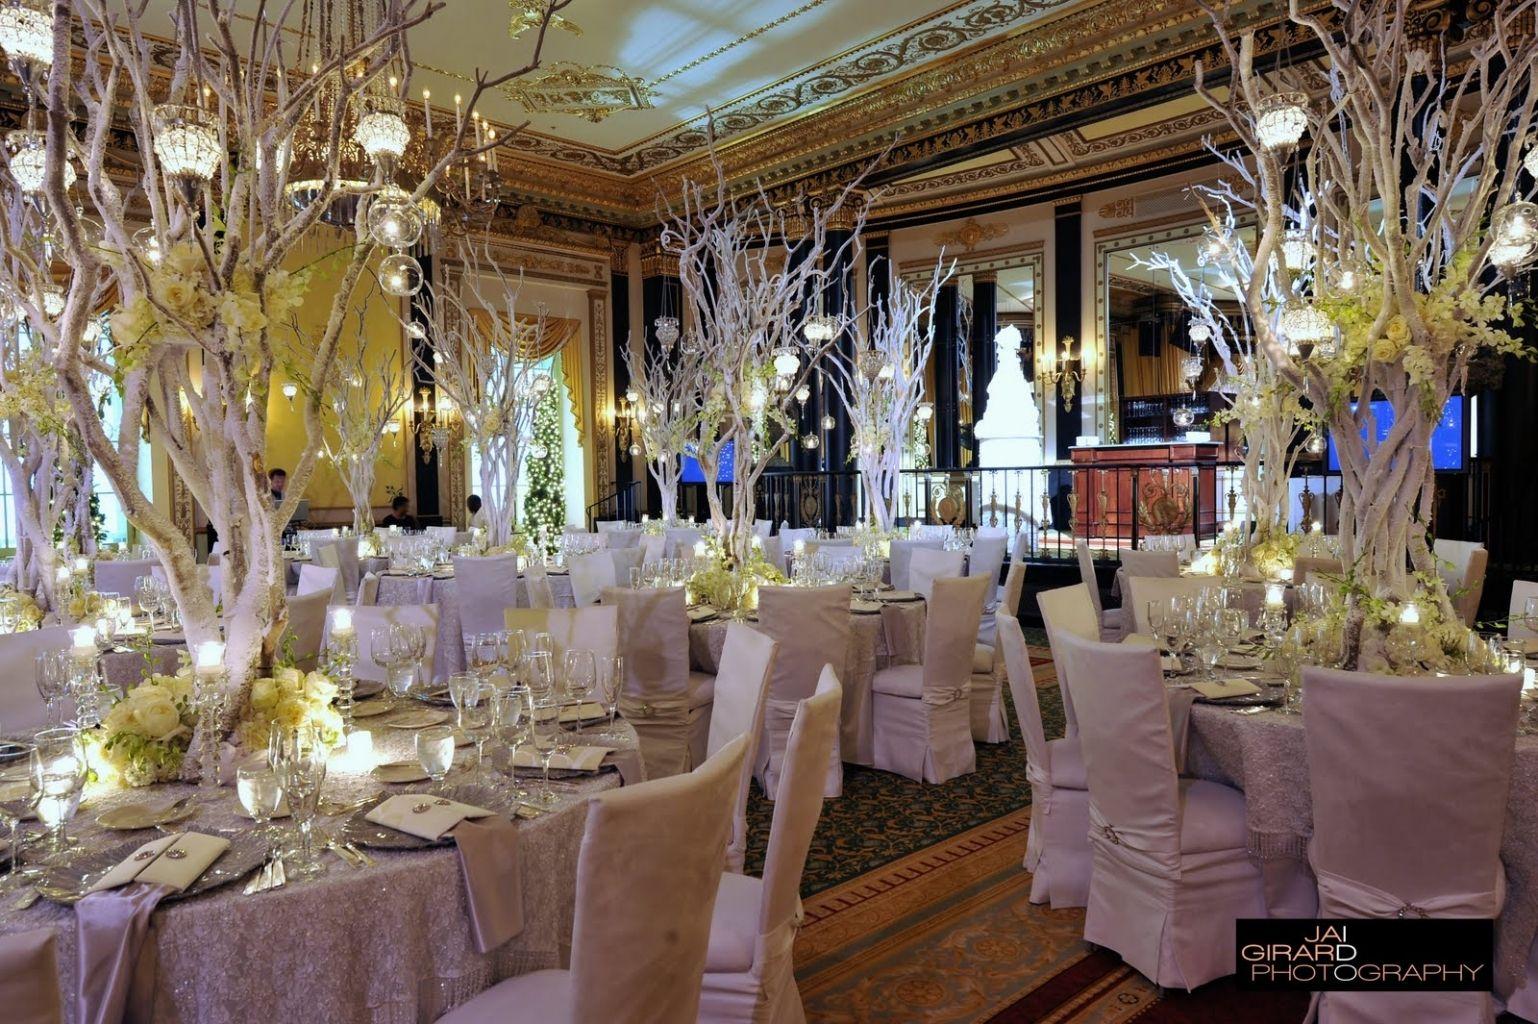 White wedding decoration ideas   White Wedding Decoration Ideas  Wedding vows Centerpieces and